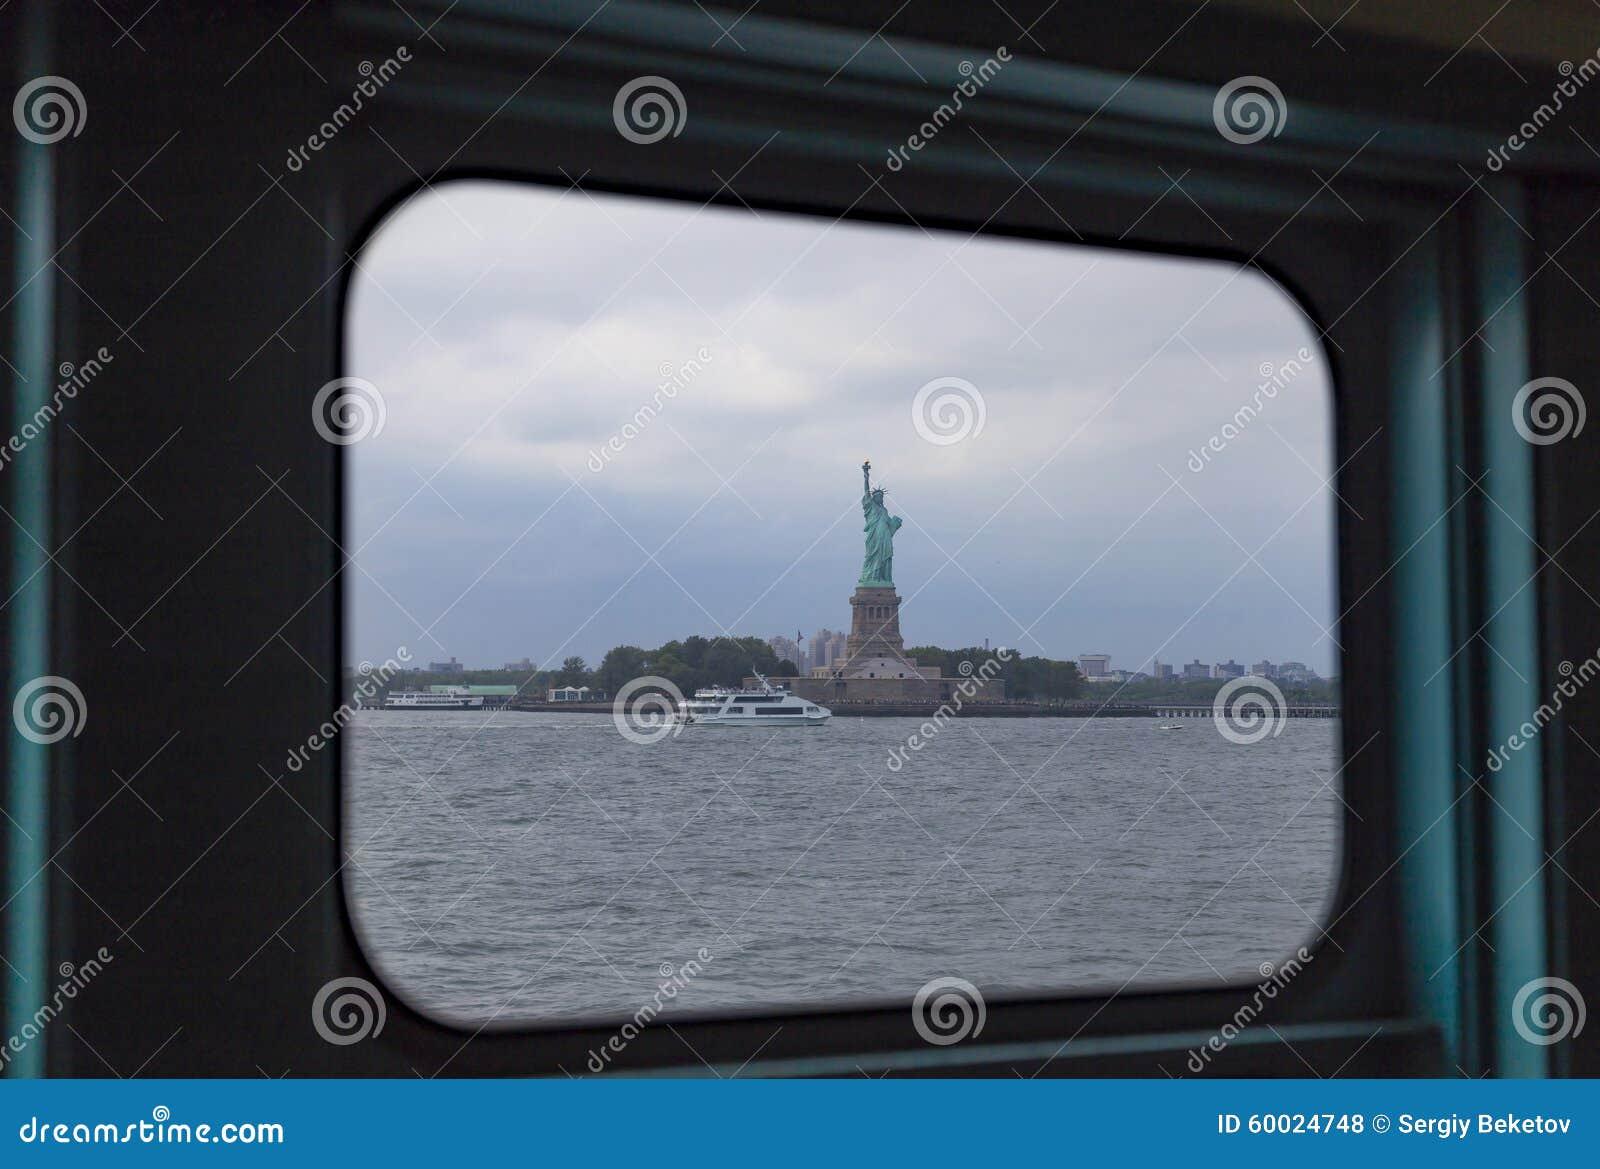 Standbeeld van Vrijheid in venster wordt zoals die van Staten Island-veerboot wordt gezien ontworpen die